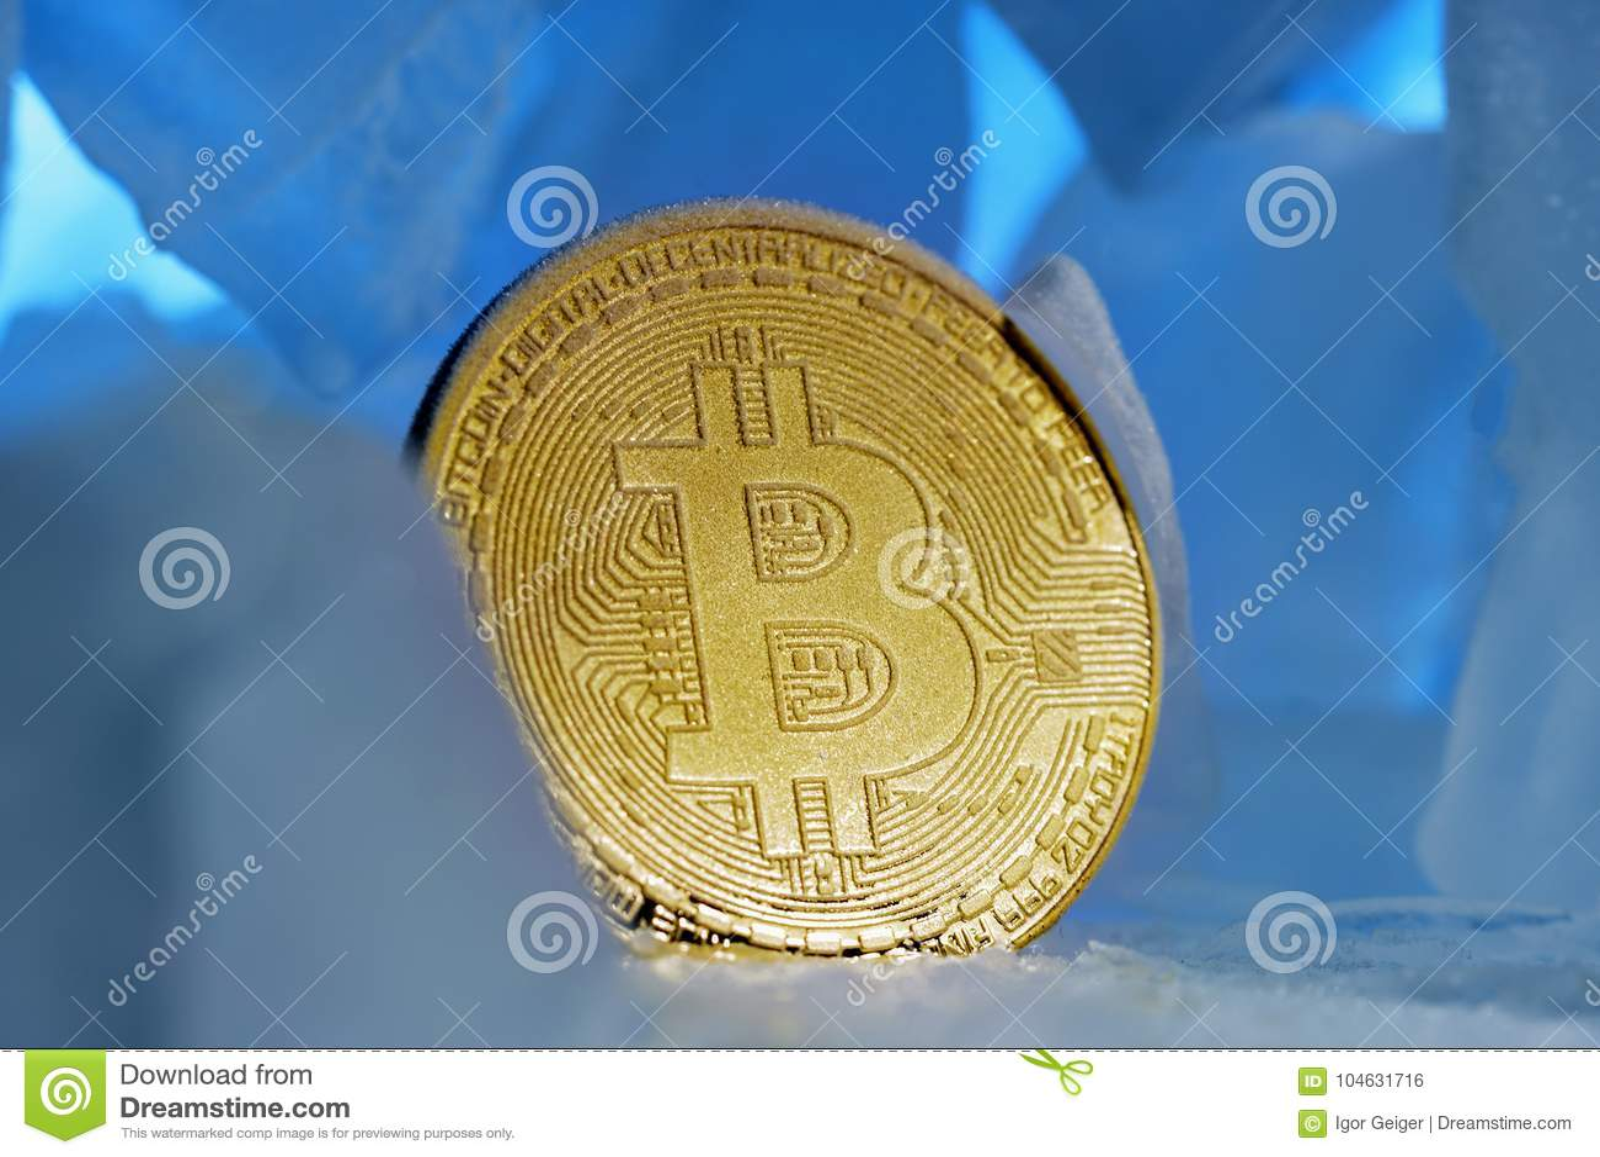 Download De Bevroren Die Crypto Munt Bitcoin Ziet Obverstribunes Onder Ogen Door Blauw Ijs In Mooi Licht Worden Omringd Stock Foto - Afbeelding bestaande uit achtergrond, licht: 104631716